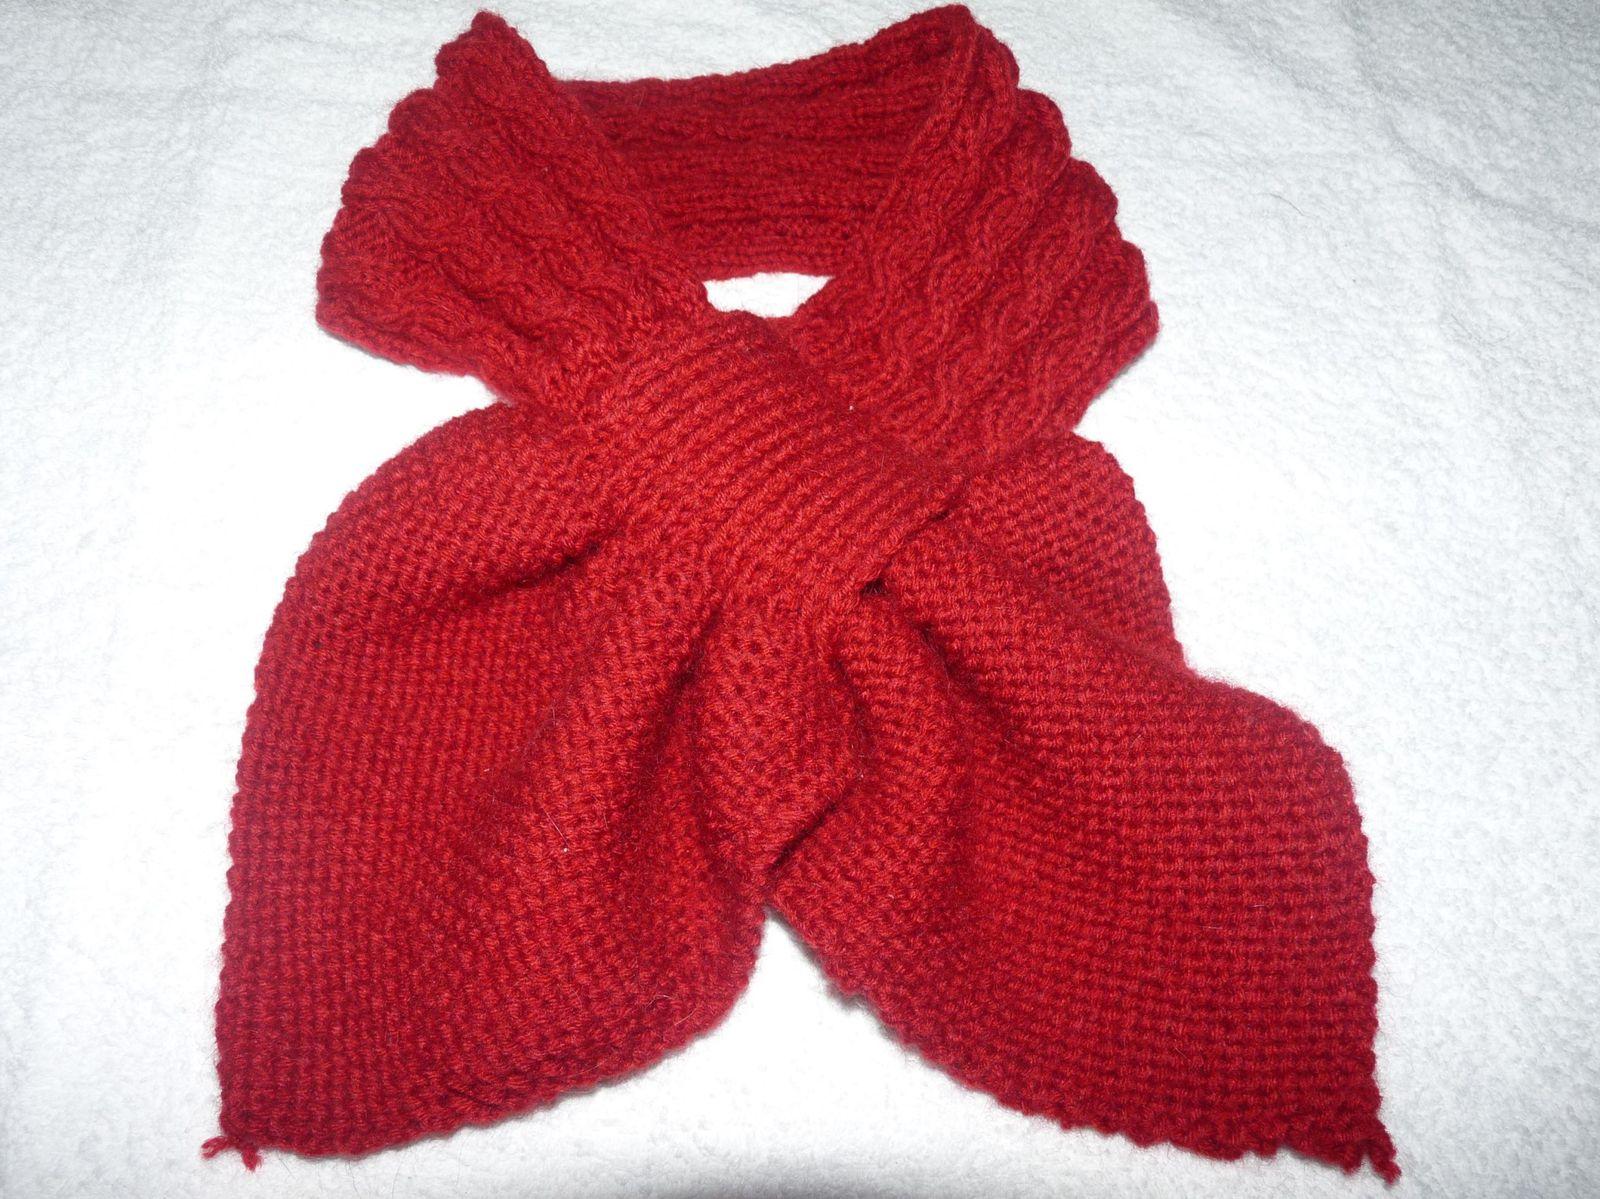 Explications de l écharpe feuille - Le blog de 7 à la maison, point ... 225ecb6c843